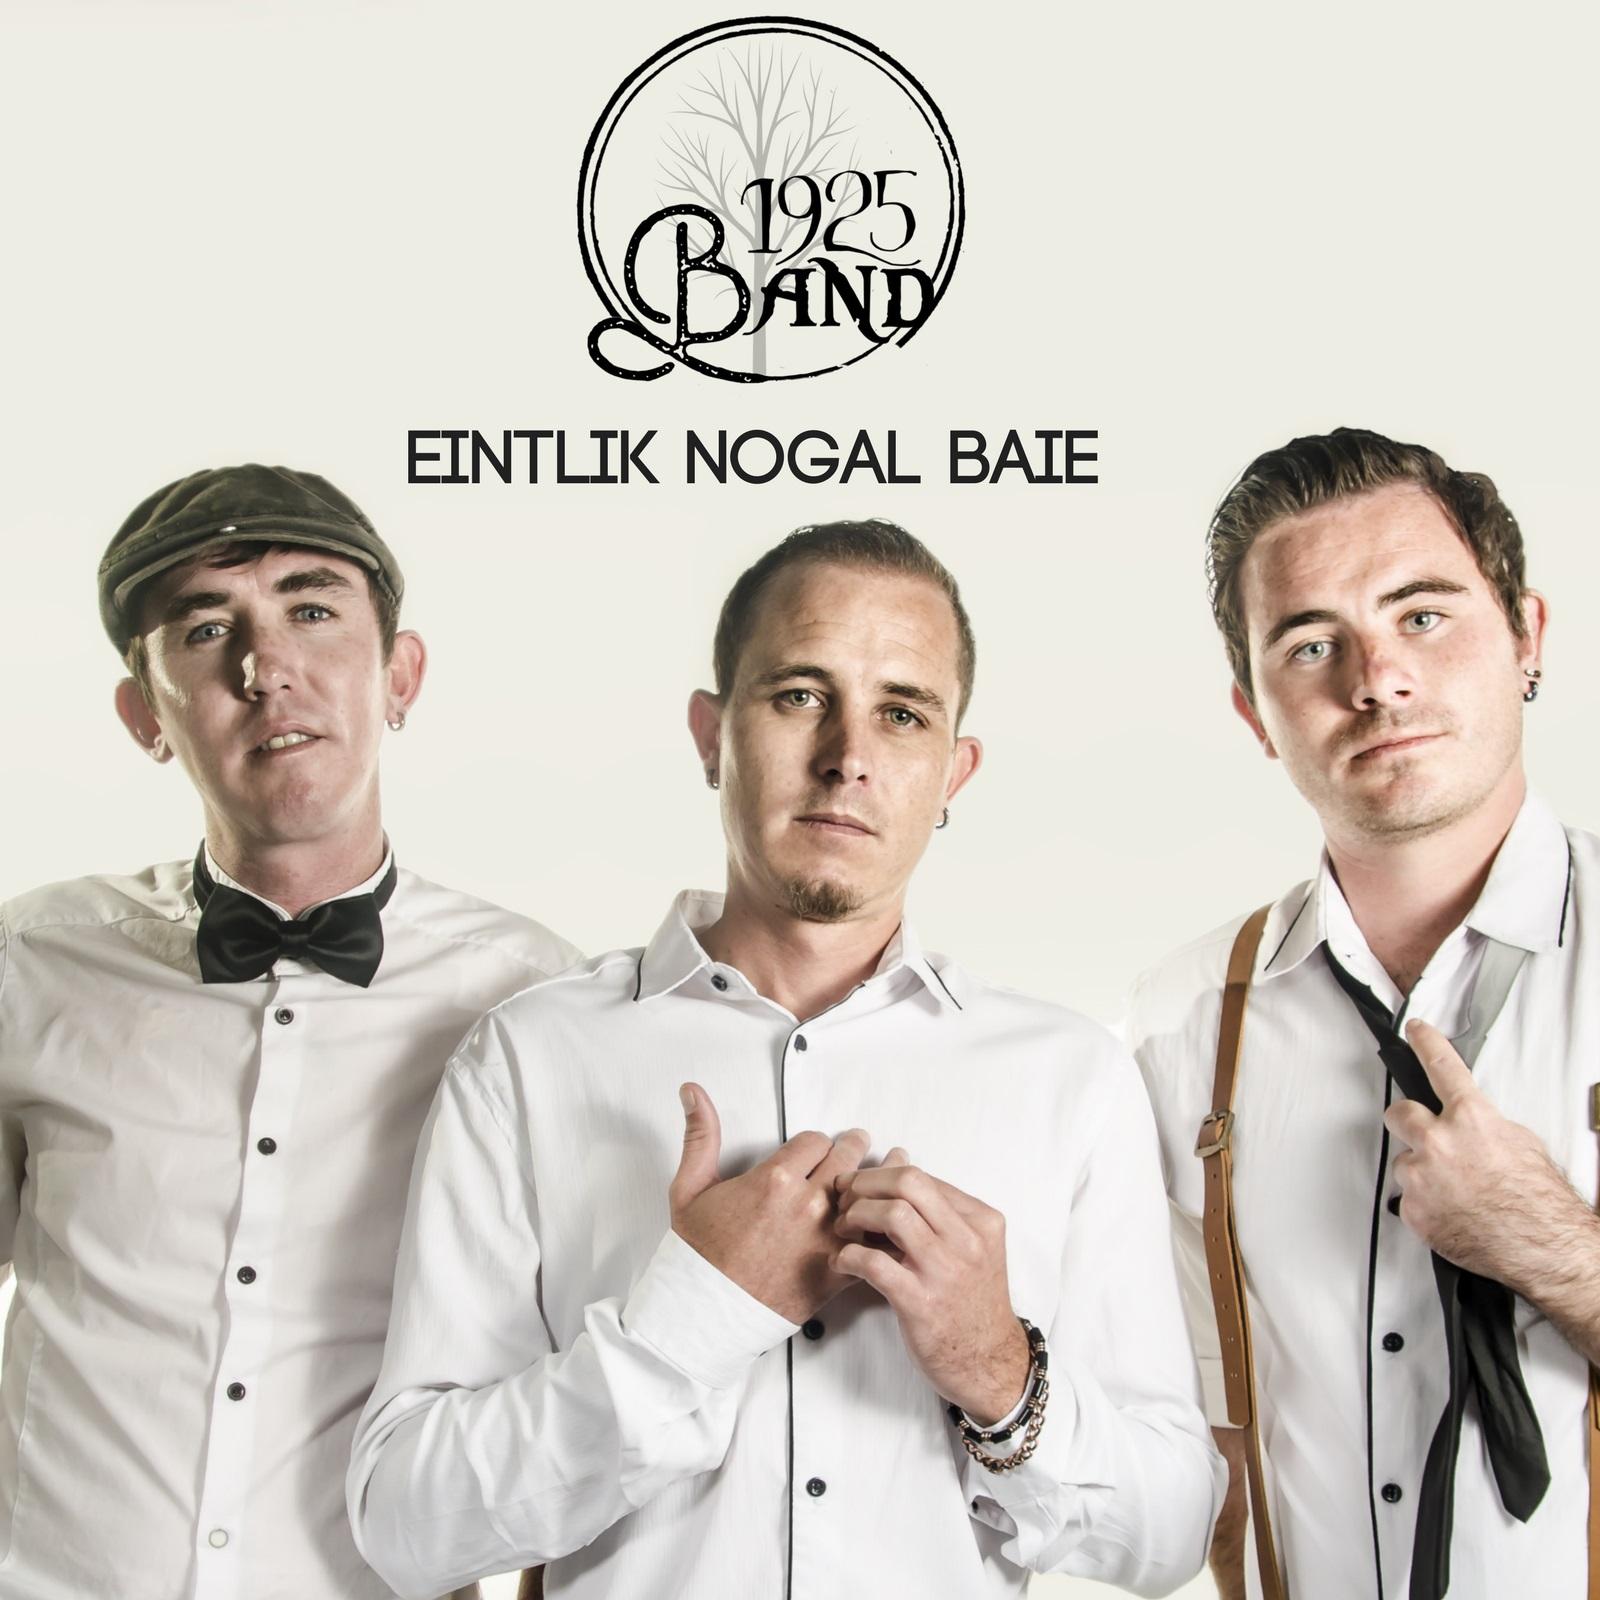 De Zuid-Afrikaanse groep '1925 Band' toert deze maand door Nederland en brengt de Afrikaanse popmuziek naar Het Postkantoor. (Foto: aangeleverd)